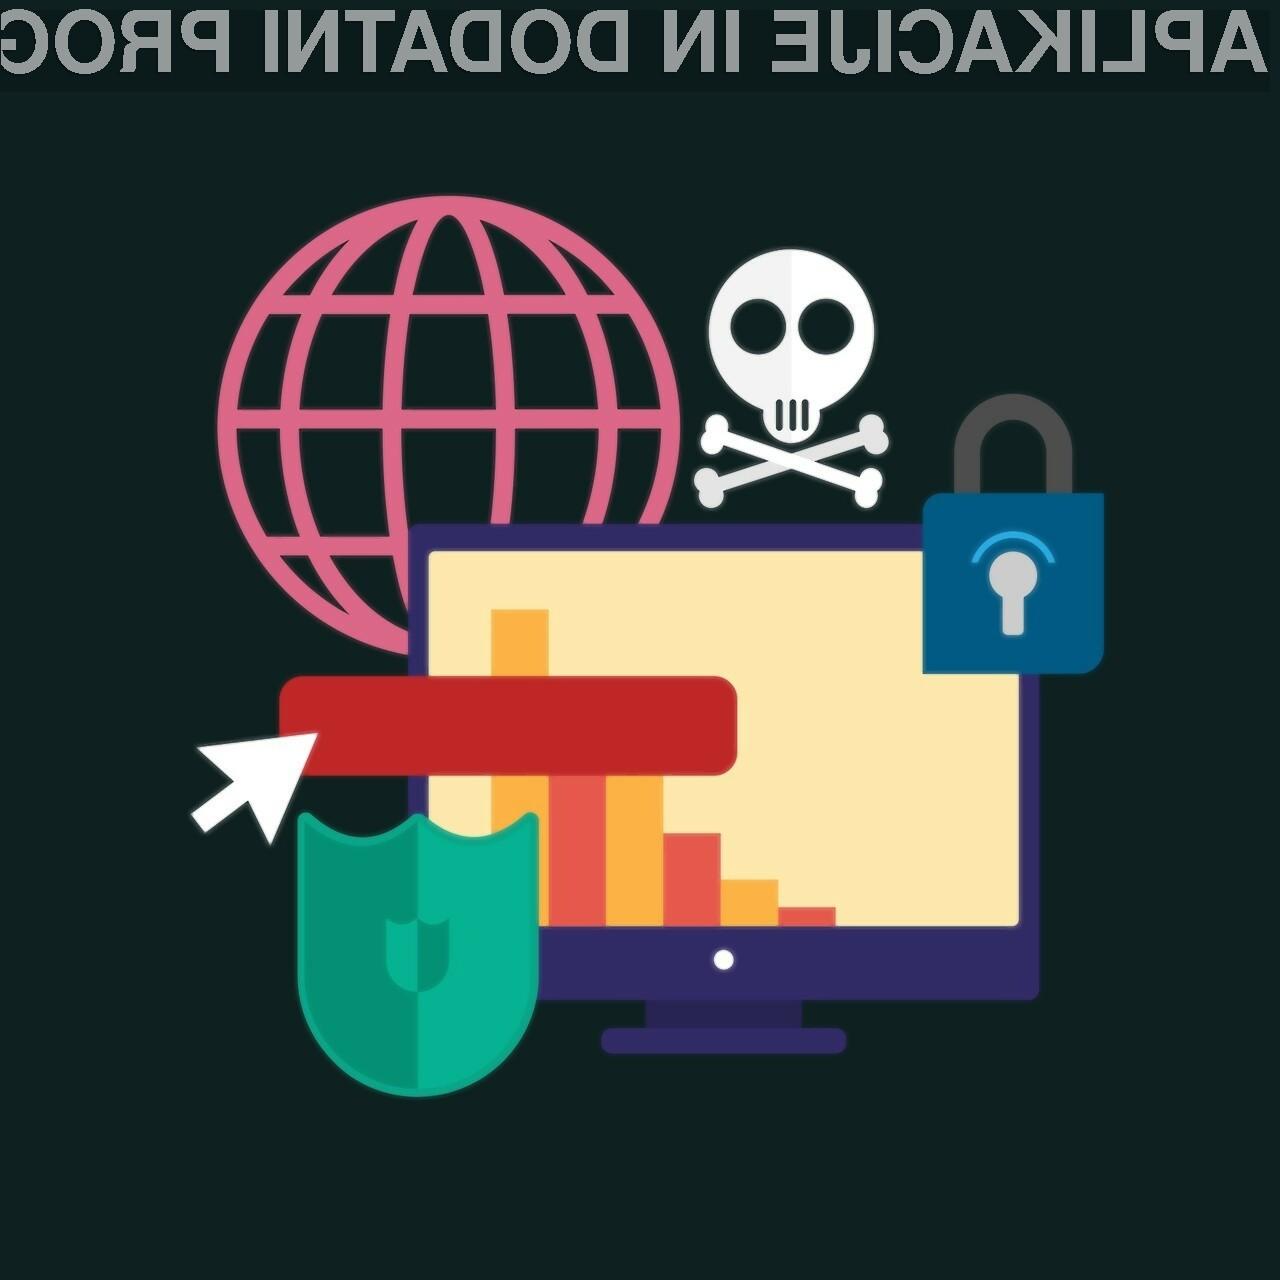 https://www.racunalniske-novice.com/novice/programska-oprema/mobilne-aplikacije/android/popularni-upravljalnik-gesel-ima-veliko-varnostno-luknjp.html?RSSb3a13ee9d754964188e0021397545569